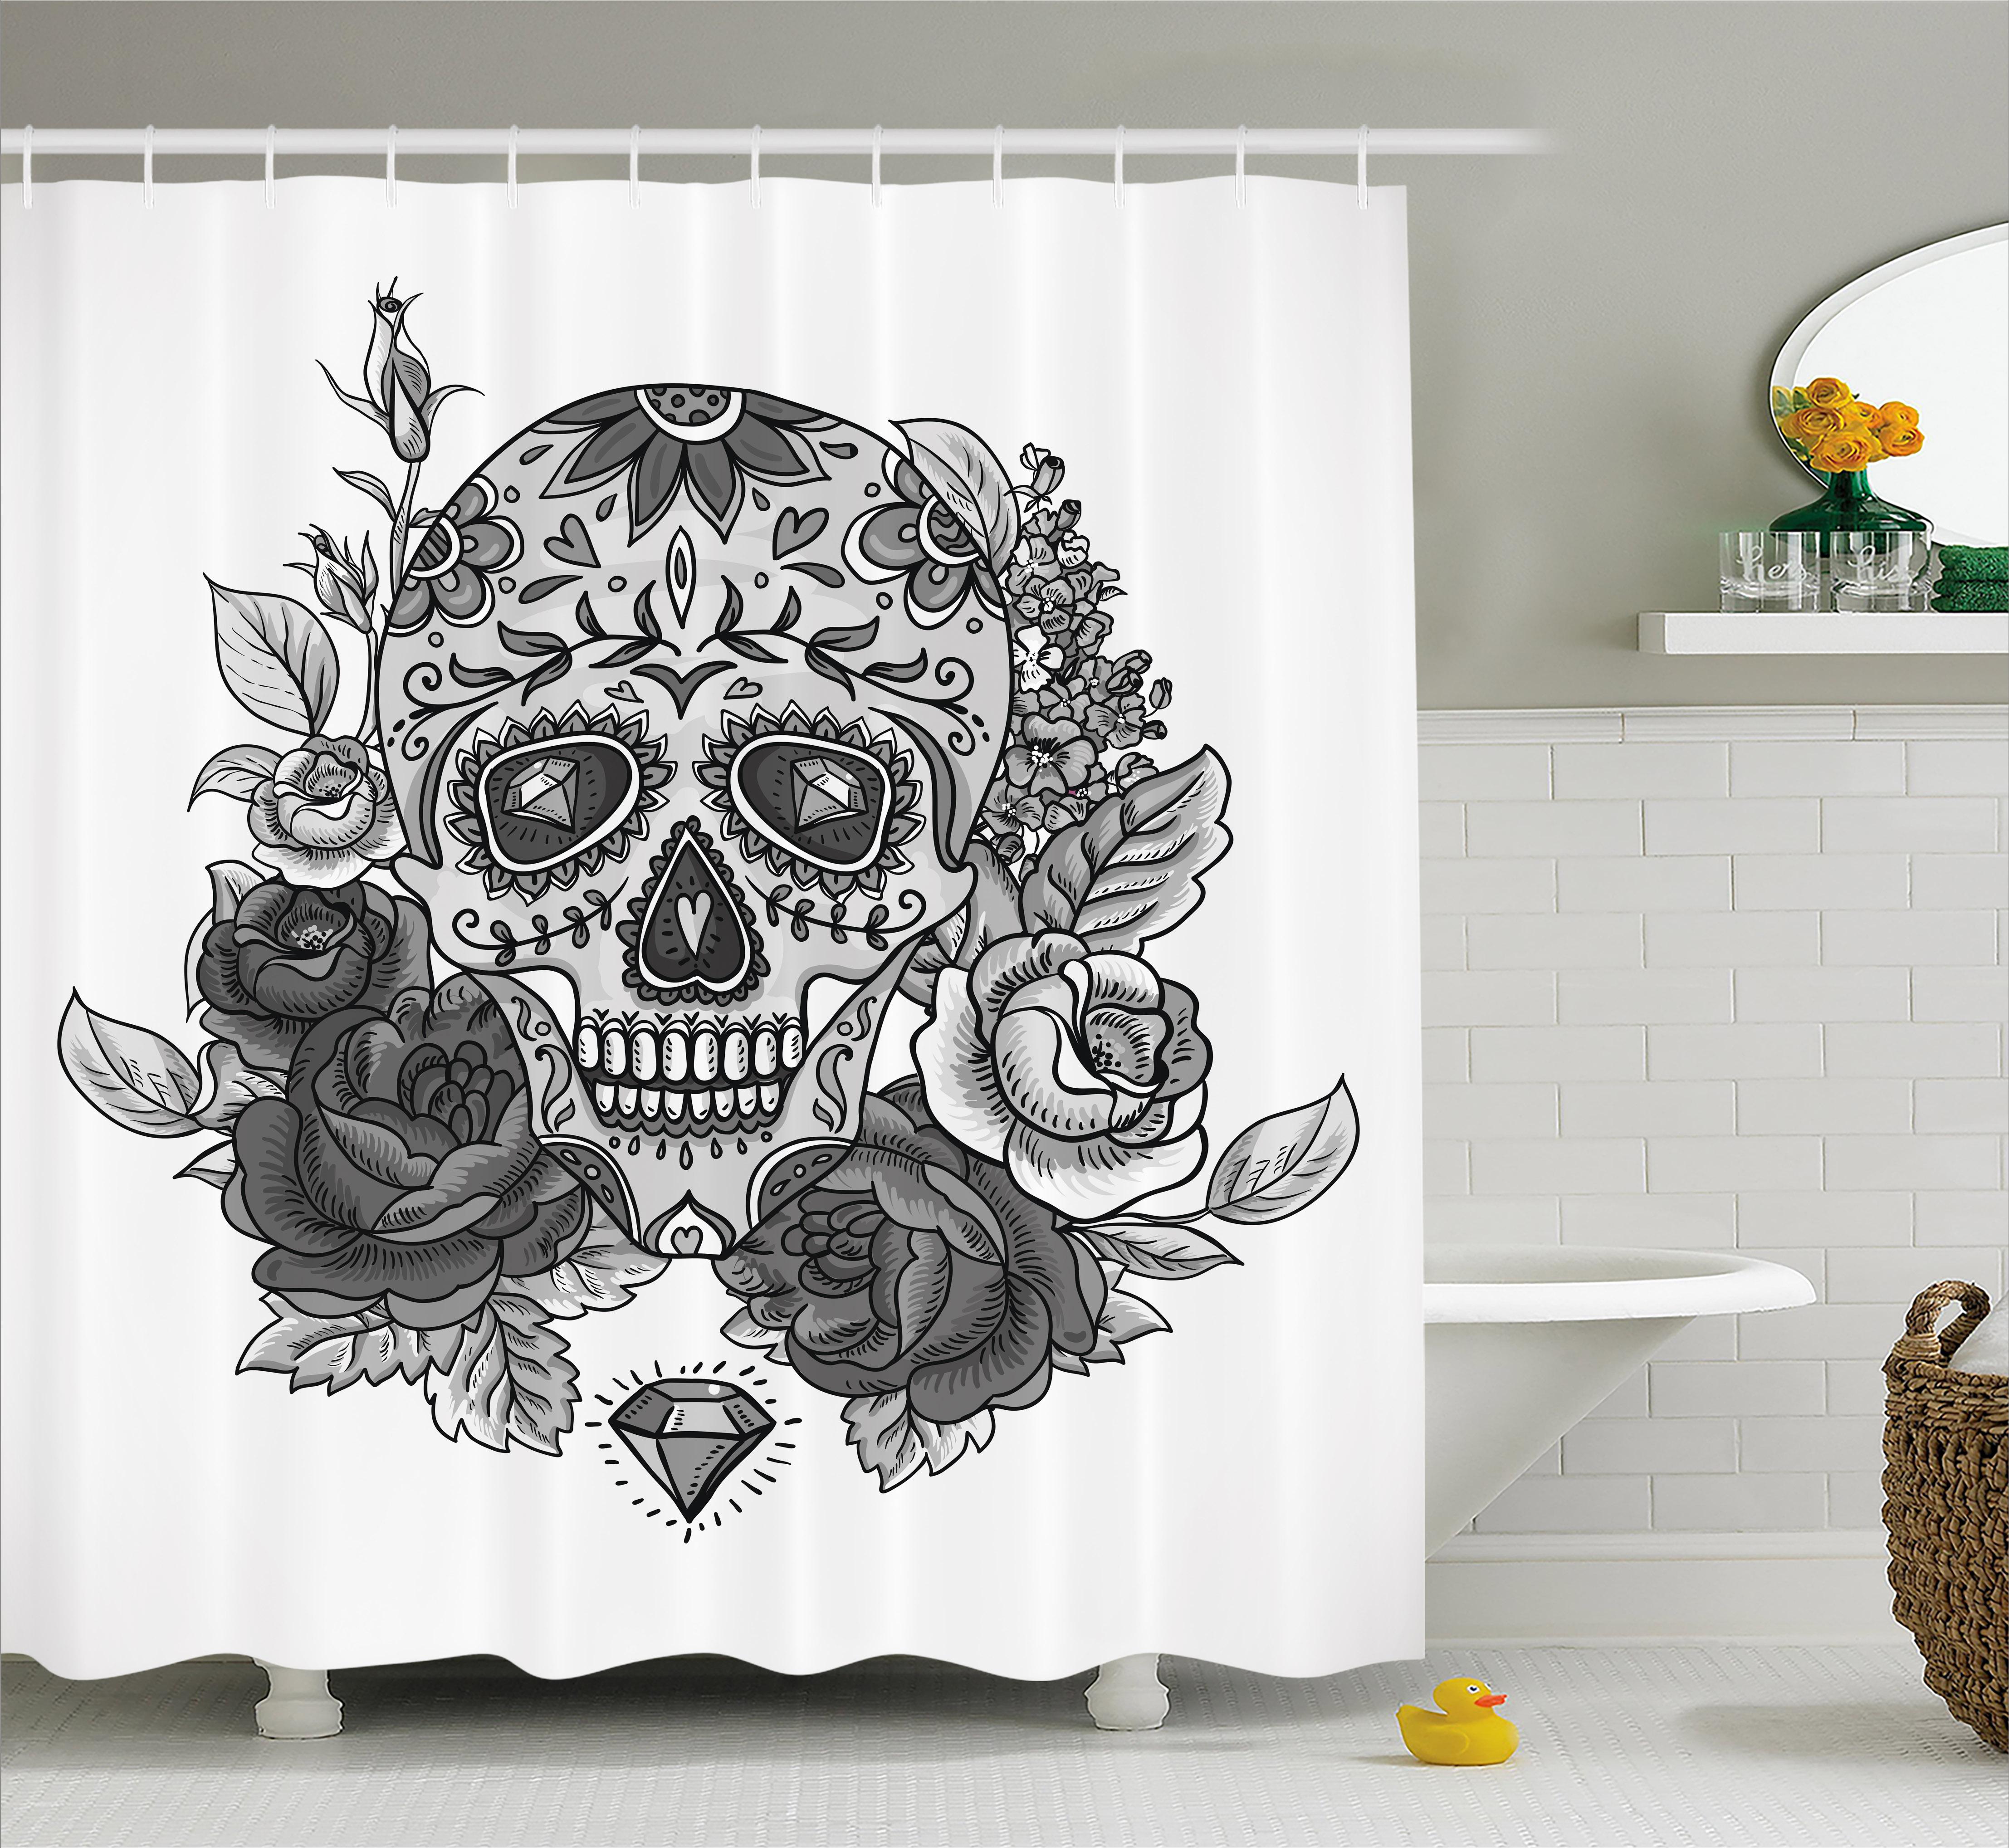 Sugar Skull Decor Shower Curtain, Monochrome Skull Roses Leaves And Diamond  Shape Folklore Festival,